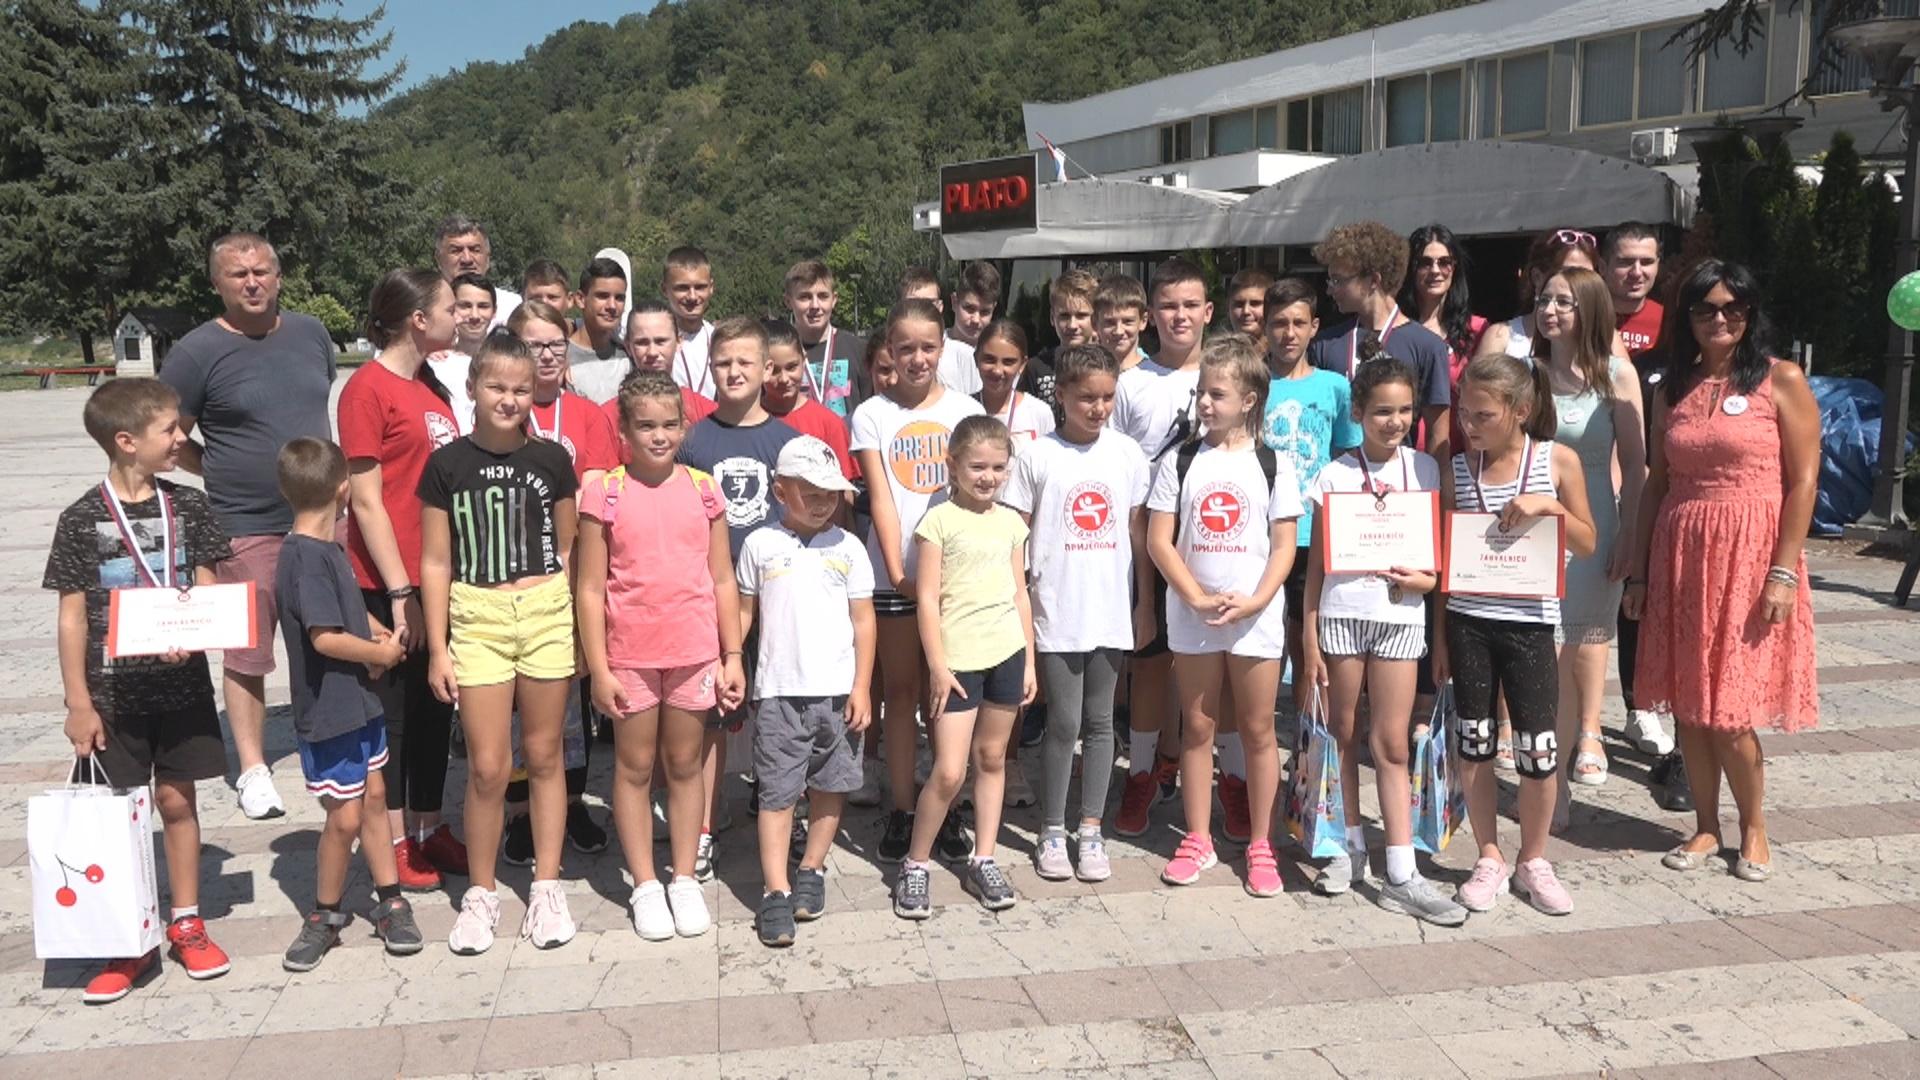 Међународни дан младих у Пријепољу – Уз хуманост до срећнијег детињства